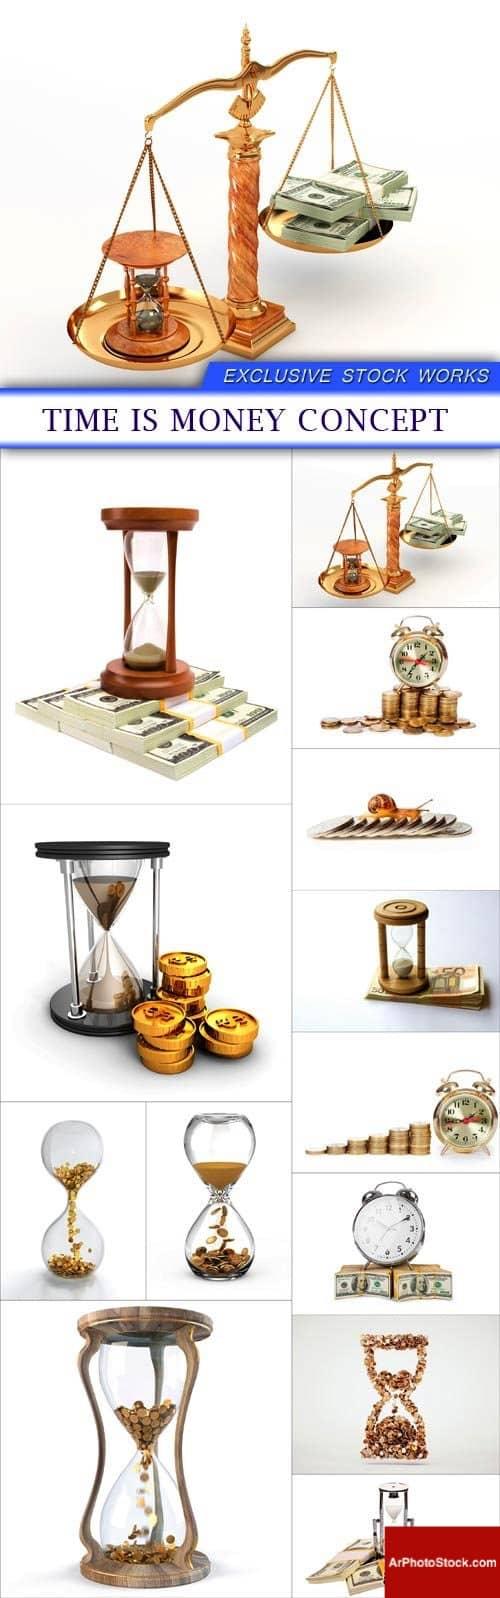 تحميل 13 صورة لمفهوم الوقت هو المال بجودة عالية